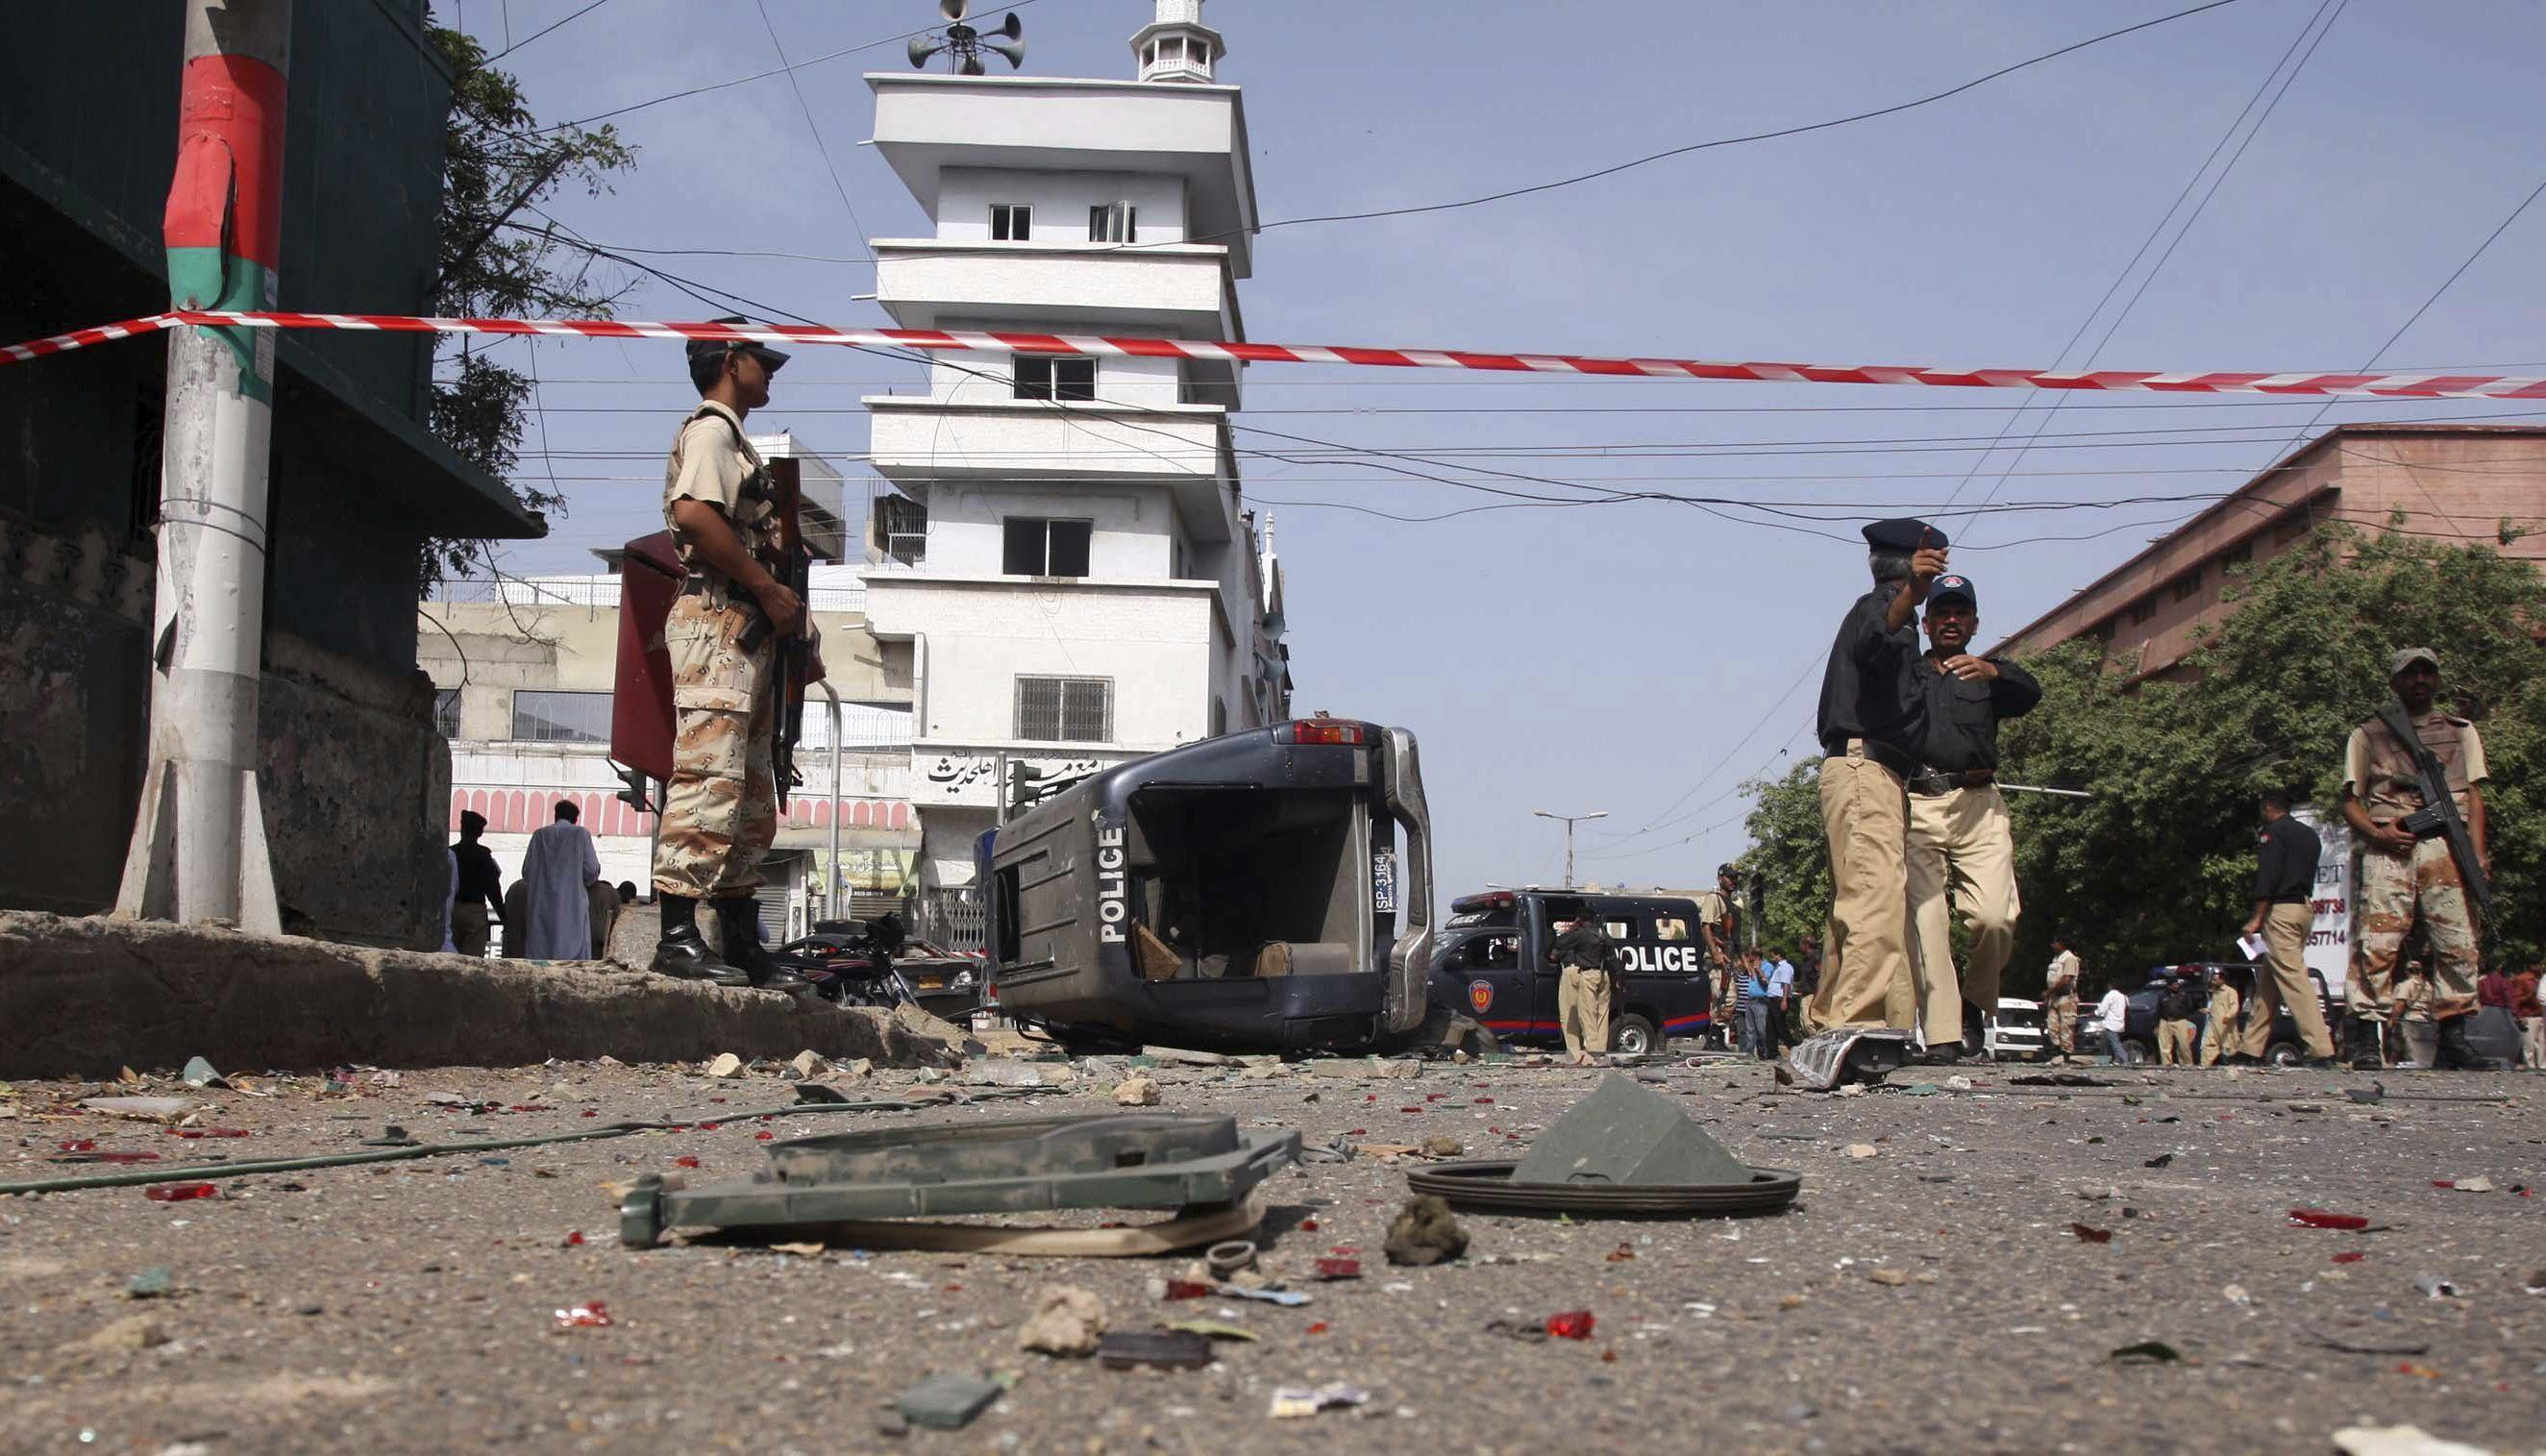 Al menos 9 muertos en un atentado contra las fuerzas seguridad en Pakistán